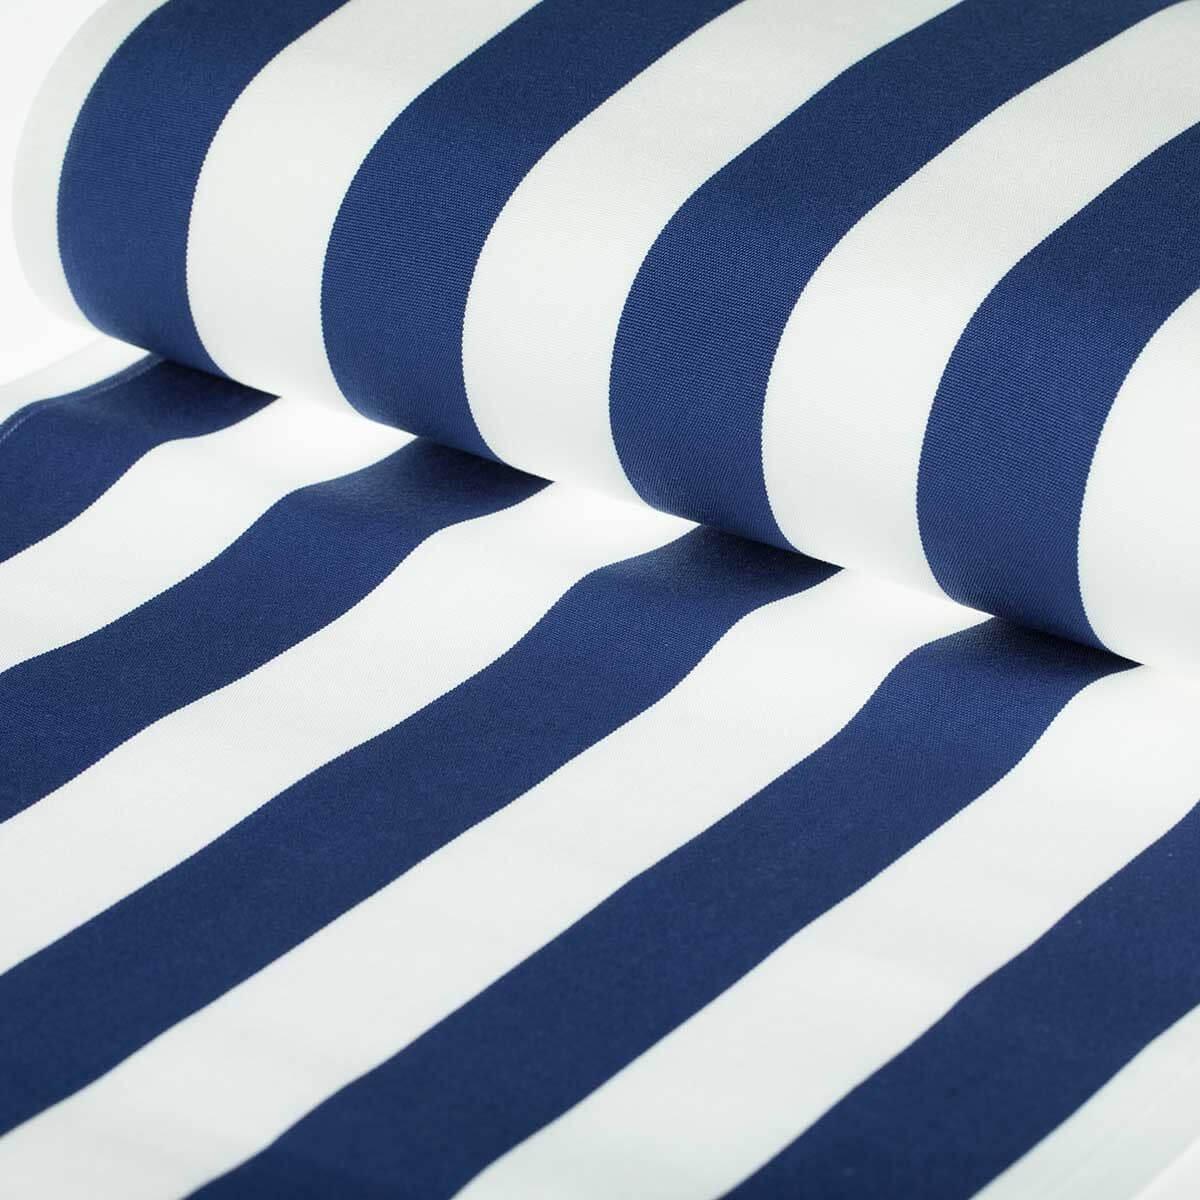 toile transat outdoor bayad re 150cm x 43cm bleu. Black Bedroom Furniture Sets. Home Design Ideas